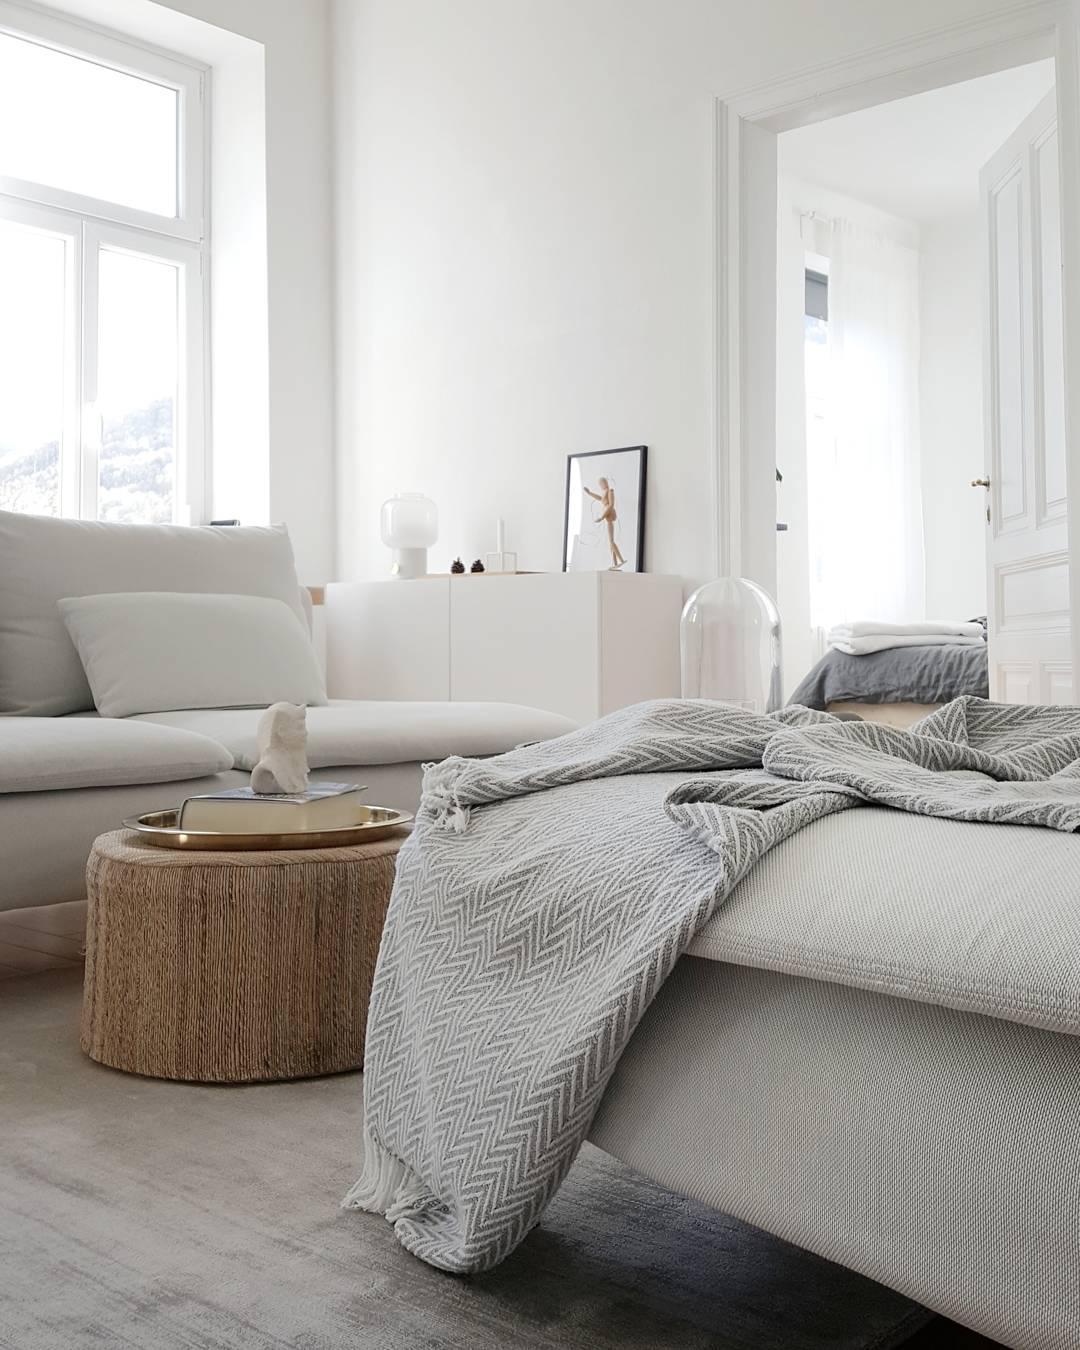 Herbstwohnzimmer #Wohnzimmer #Weiss #Grau #Skandinav